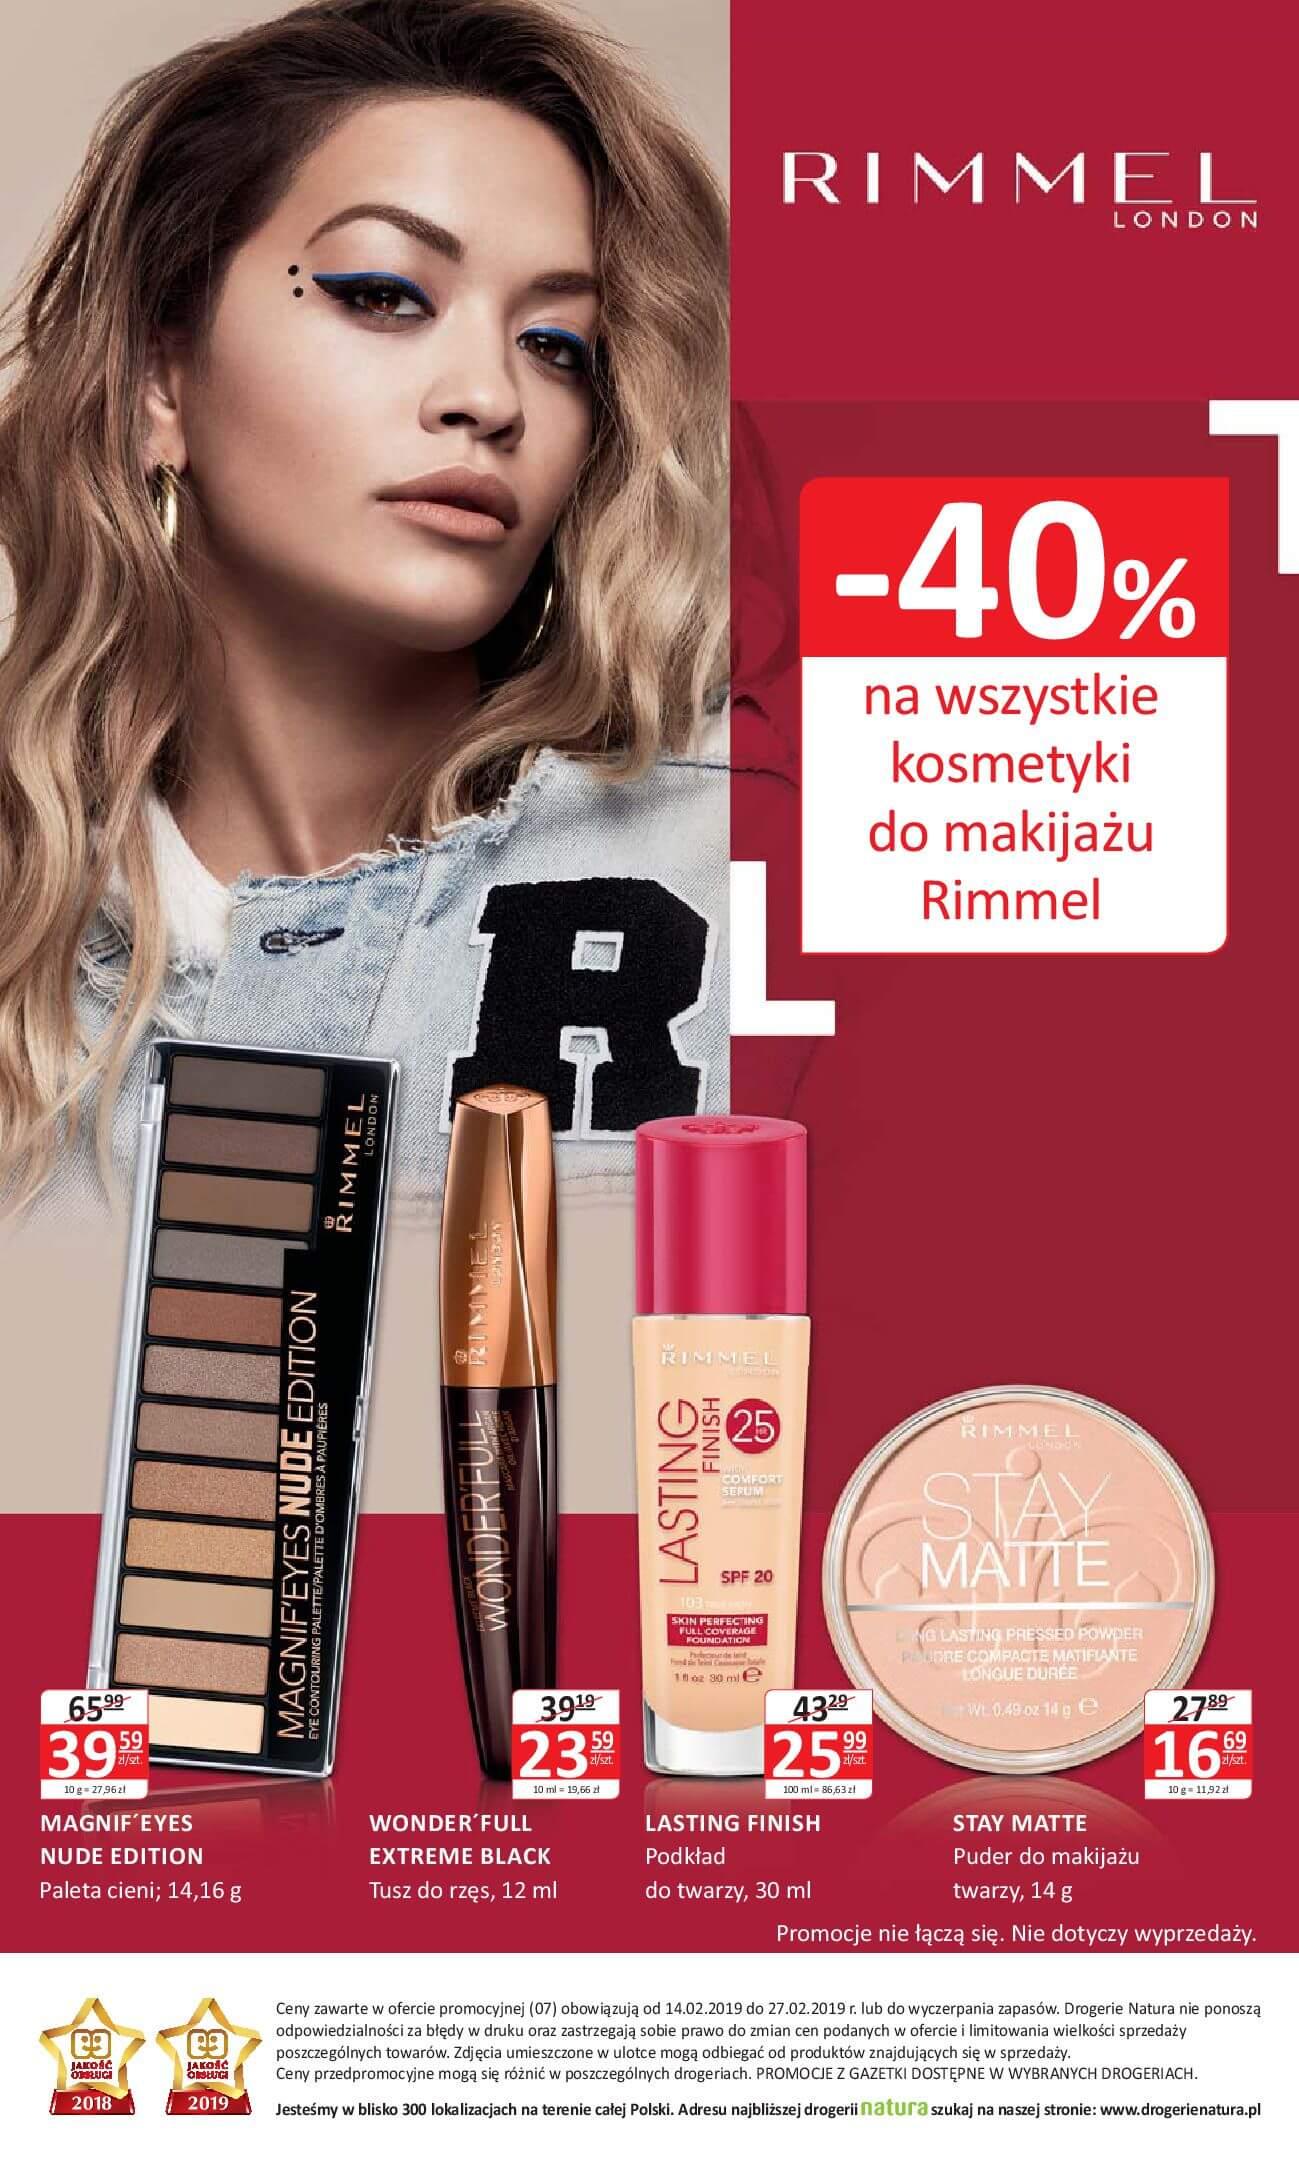 Gazetka Drogerie Natura - Oferta na artykuły kosmetyczne-13.02.2019-27.02.2019-page-